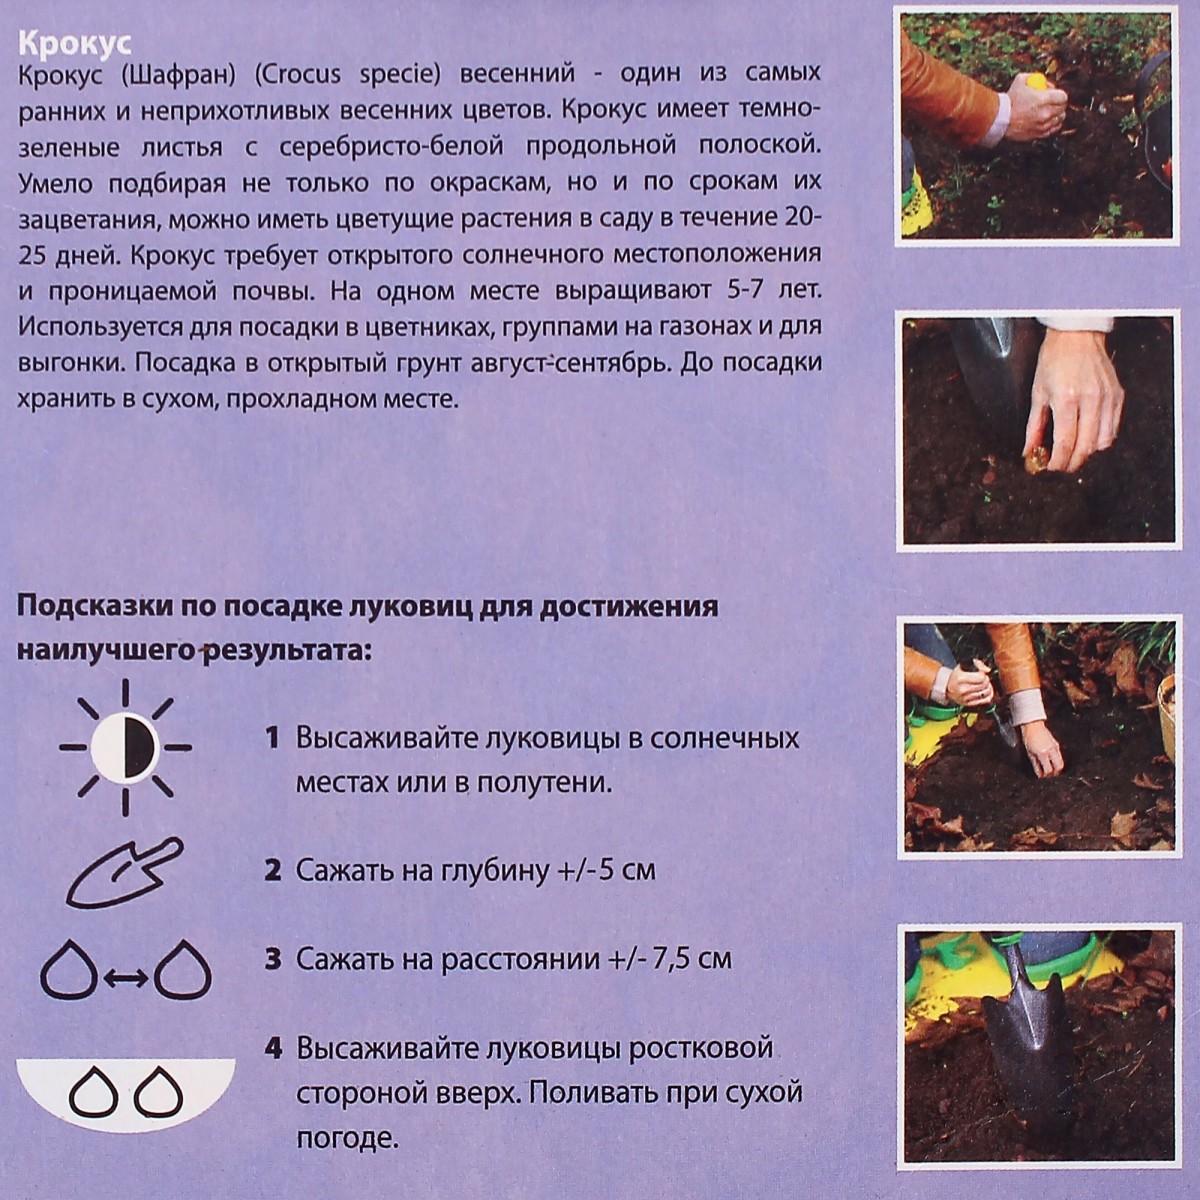 Крокус Фускотинтус Размер Луковицы 5/7